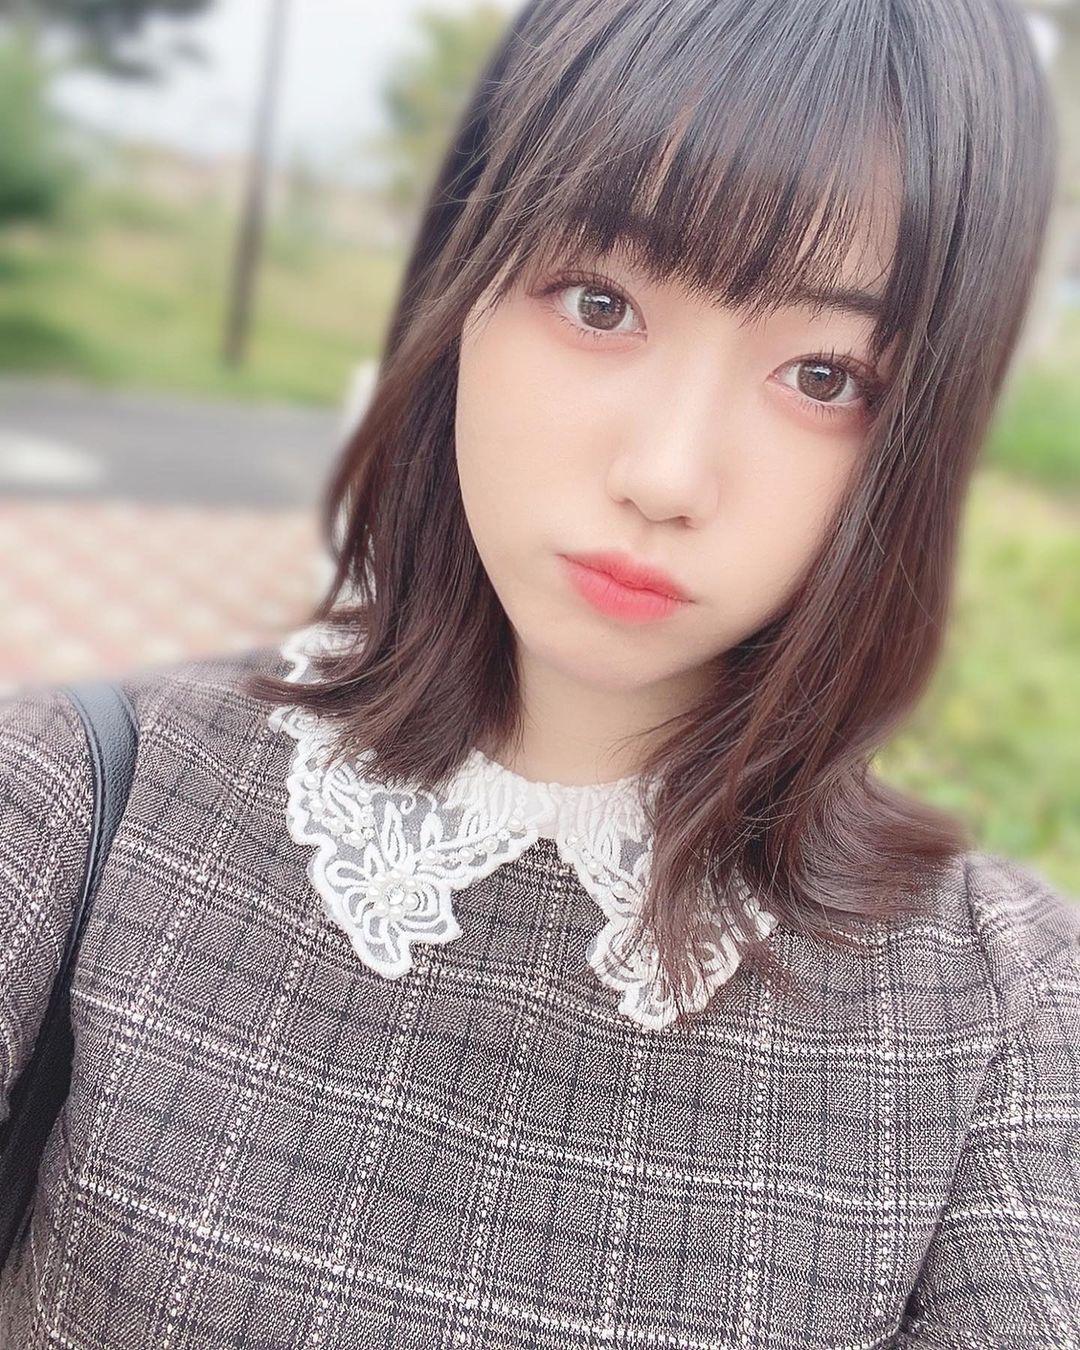 聚集全日本美少女!2021年杂志小姐公布 冠军「和泉芳怜」神之颜值美到天使也嫉妒-itotii